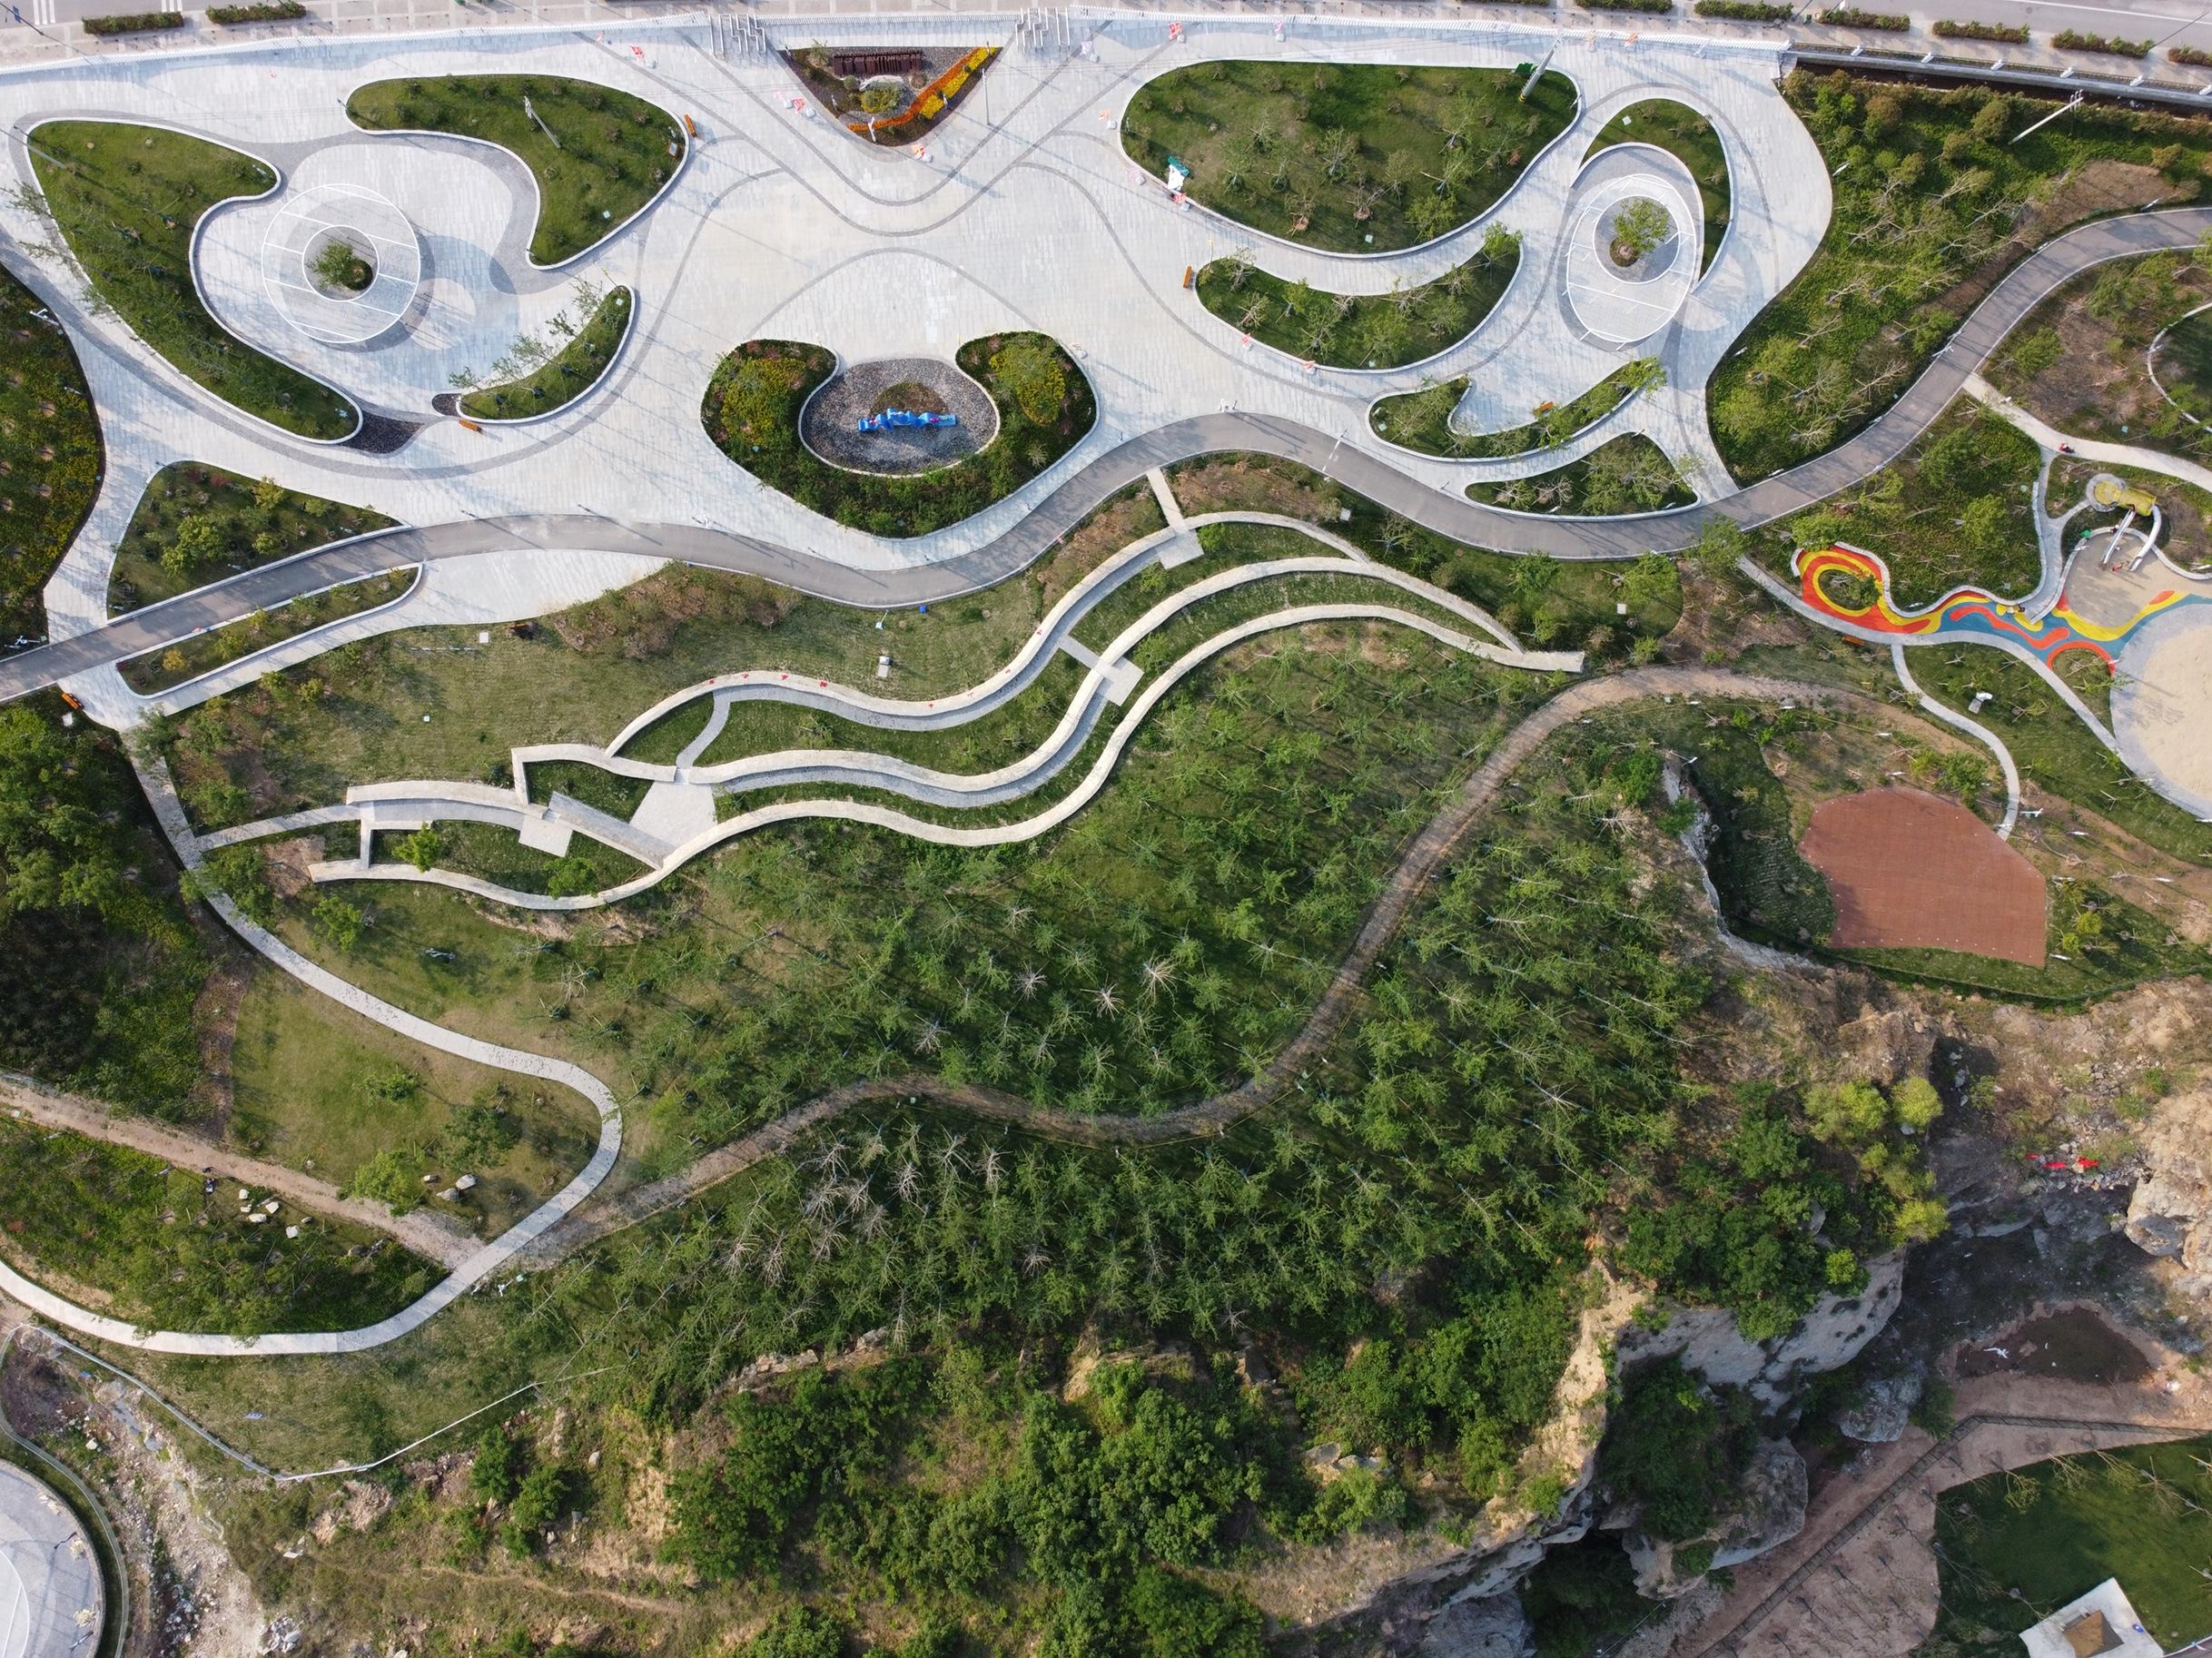 劉志洲山體育公園成為連云港市民休閑旅游新去處